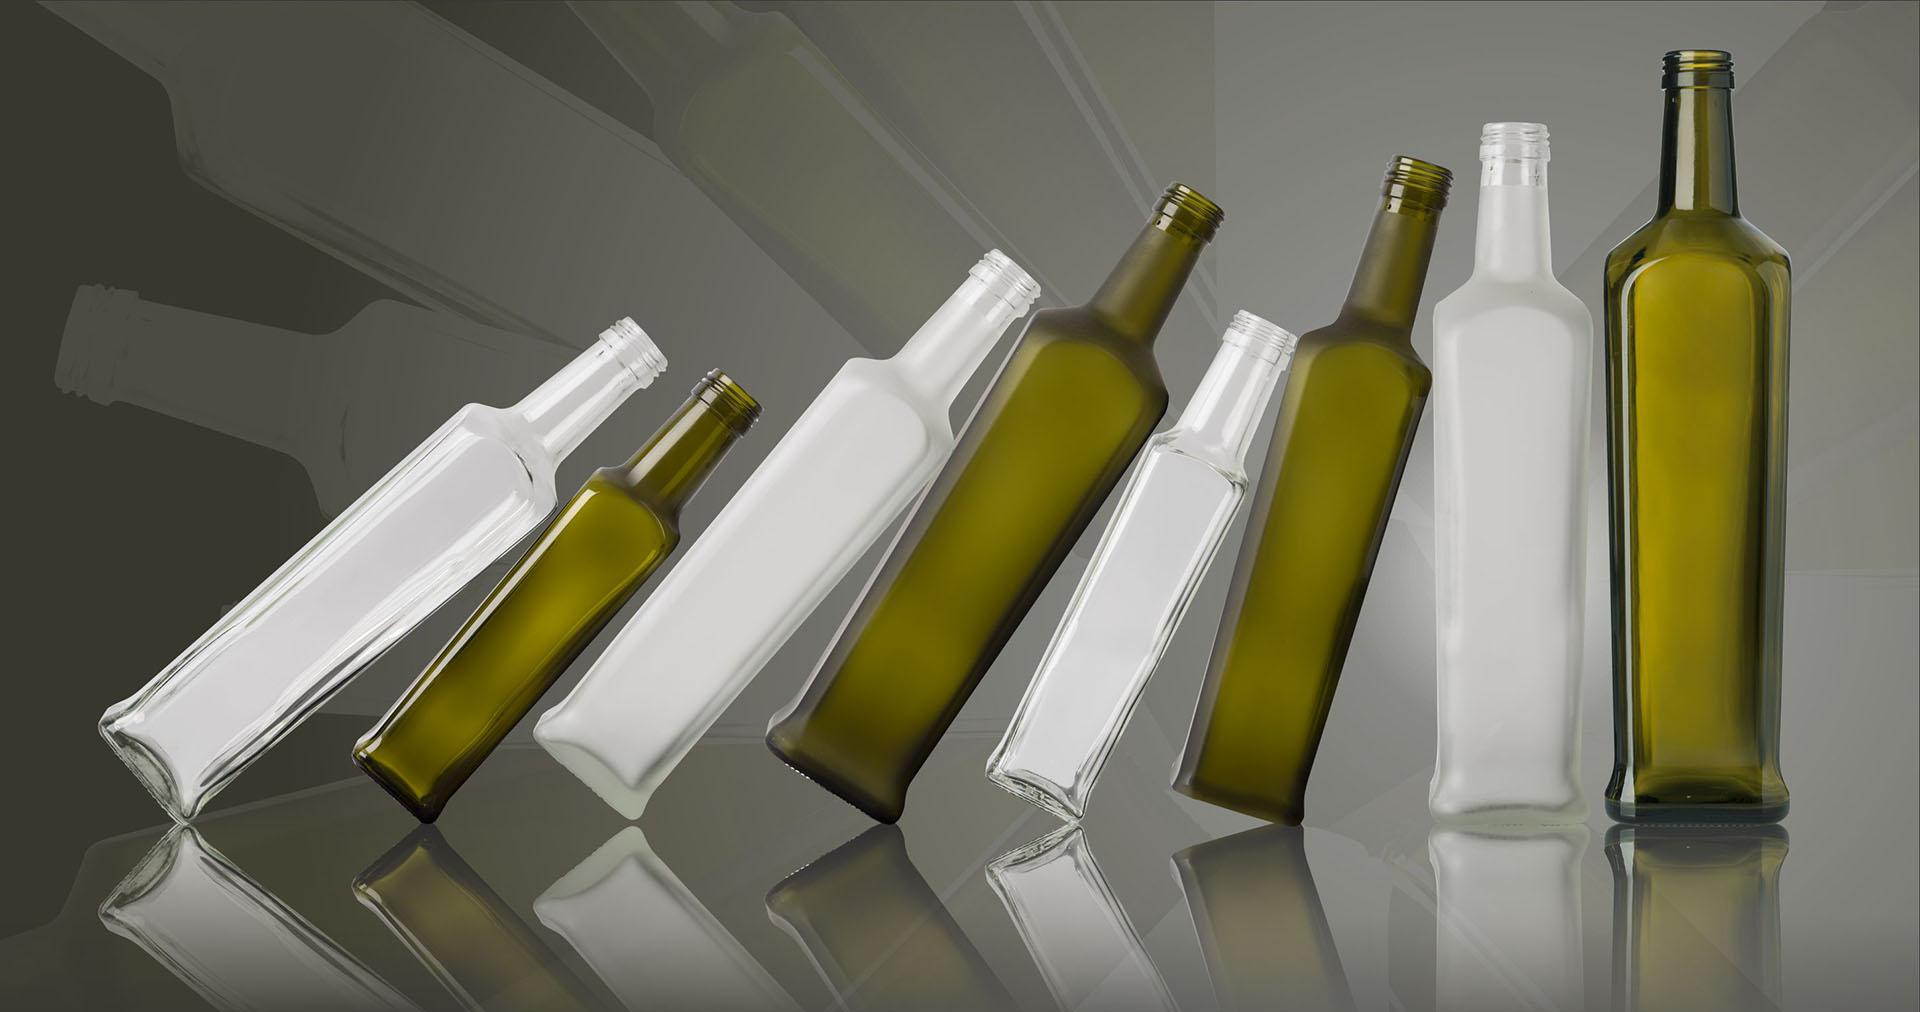 valglass bottles